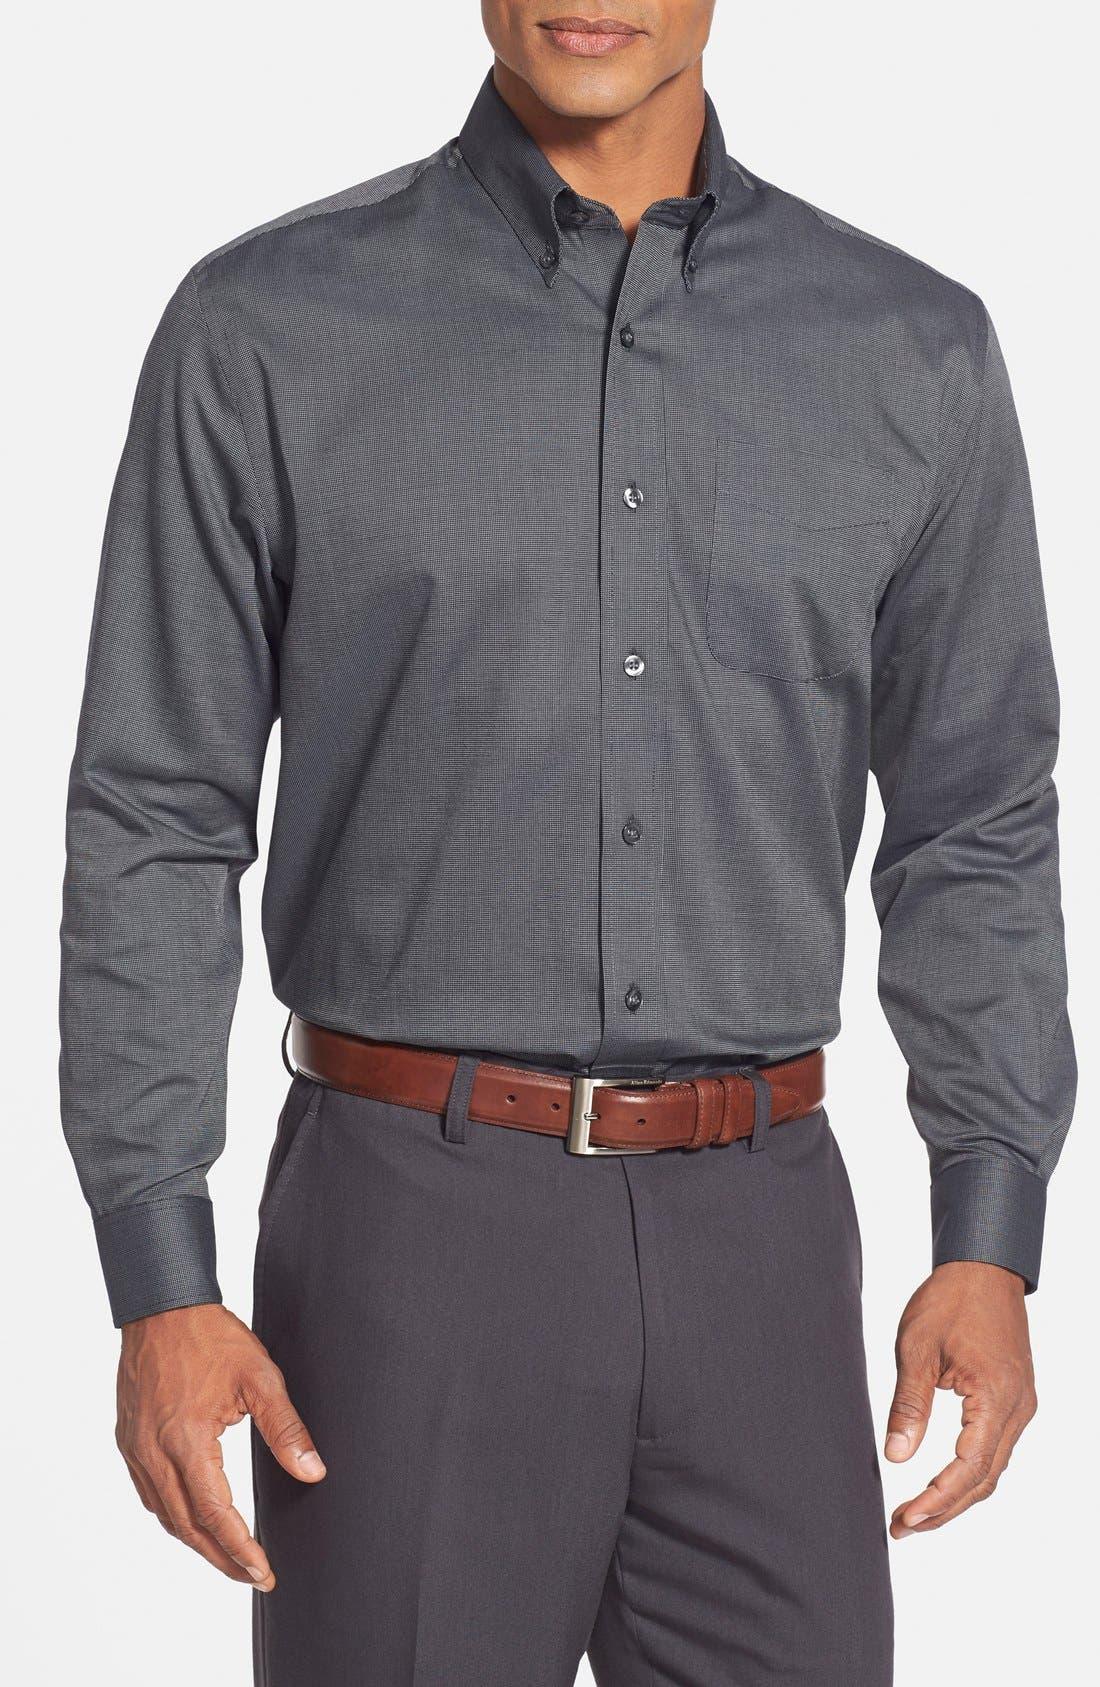 Cutter & Buck 'Nailshead' Classic Fit Sport Shirt (Online Only)